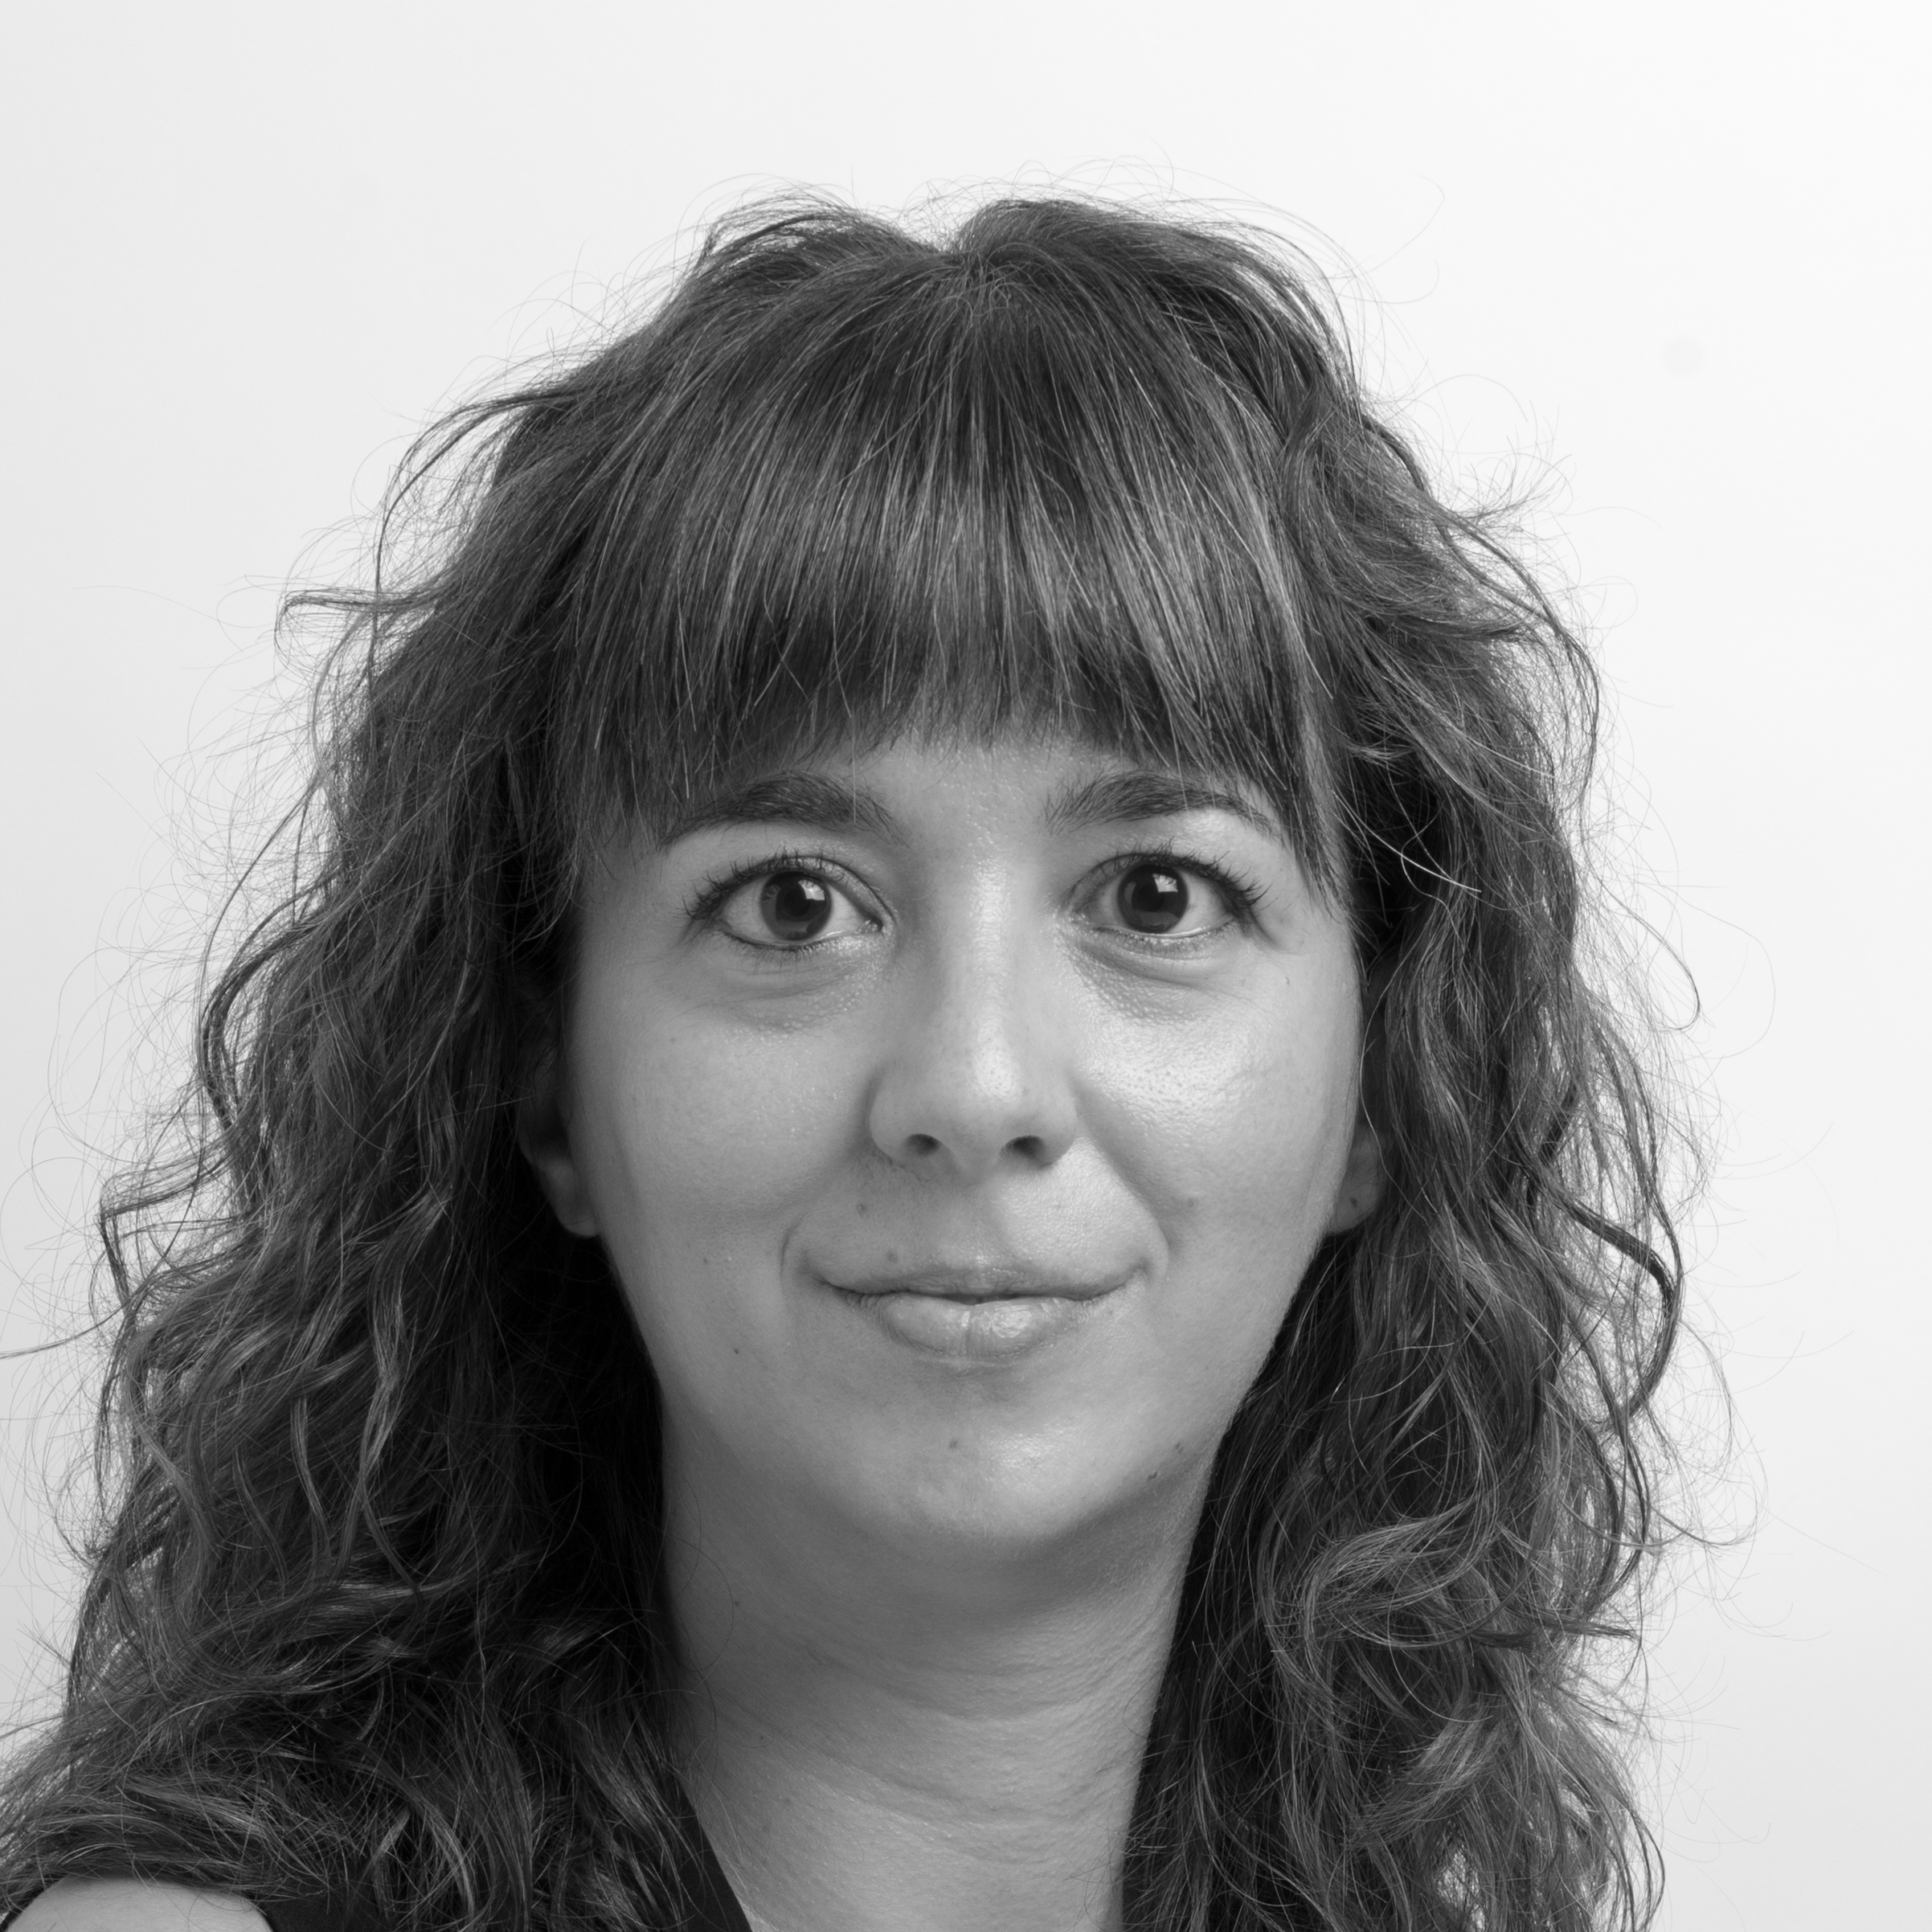 Yolanda Clemente